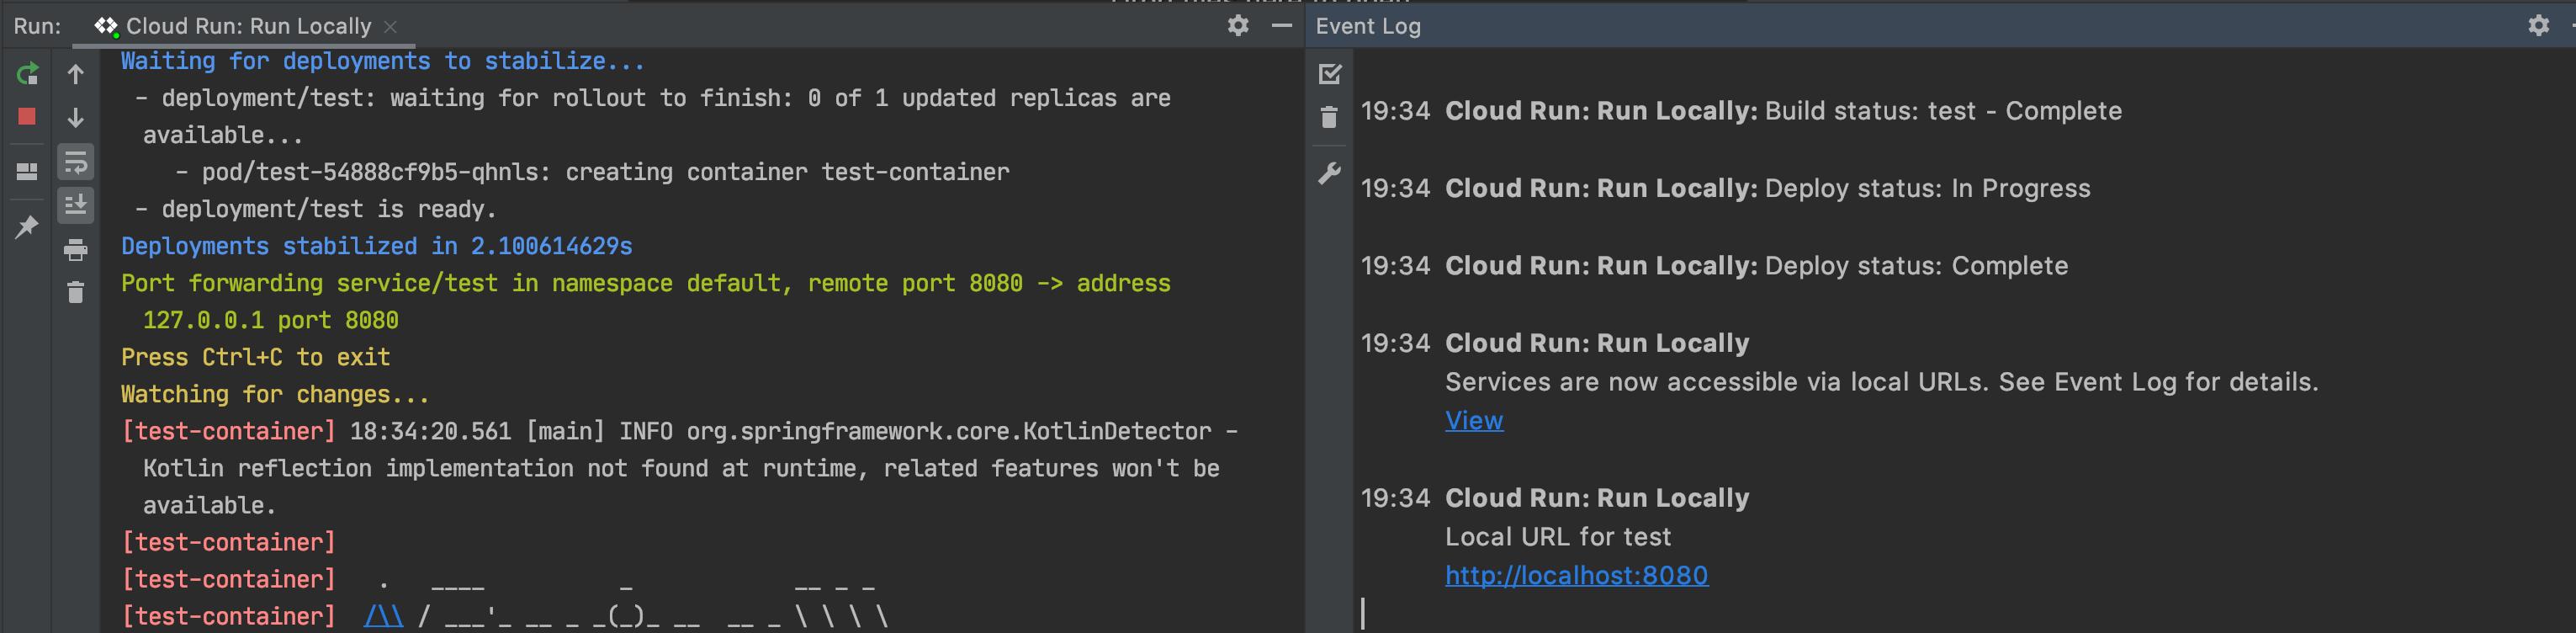 Registro de eventos com URL de notificação de implantação e URL para visualizar o serviço